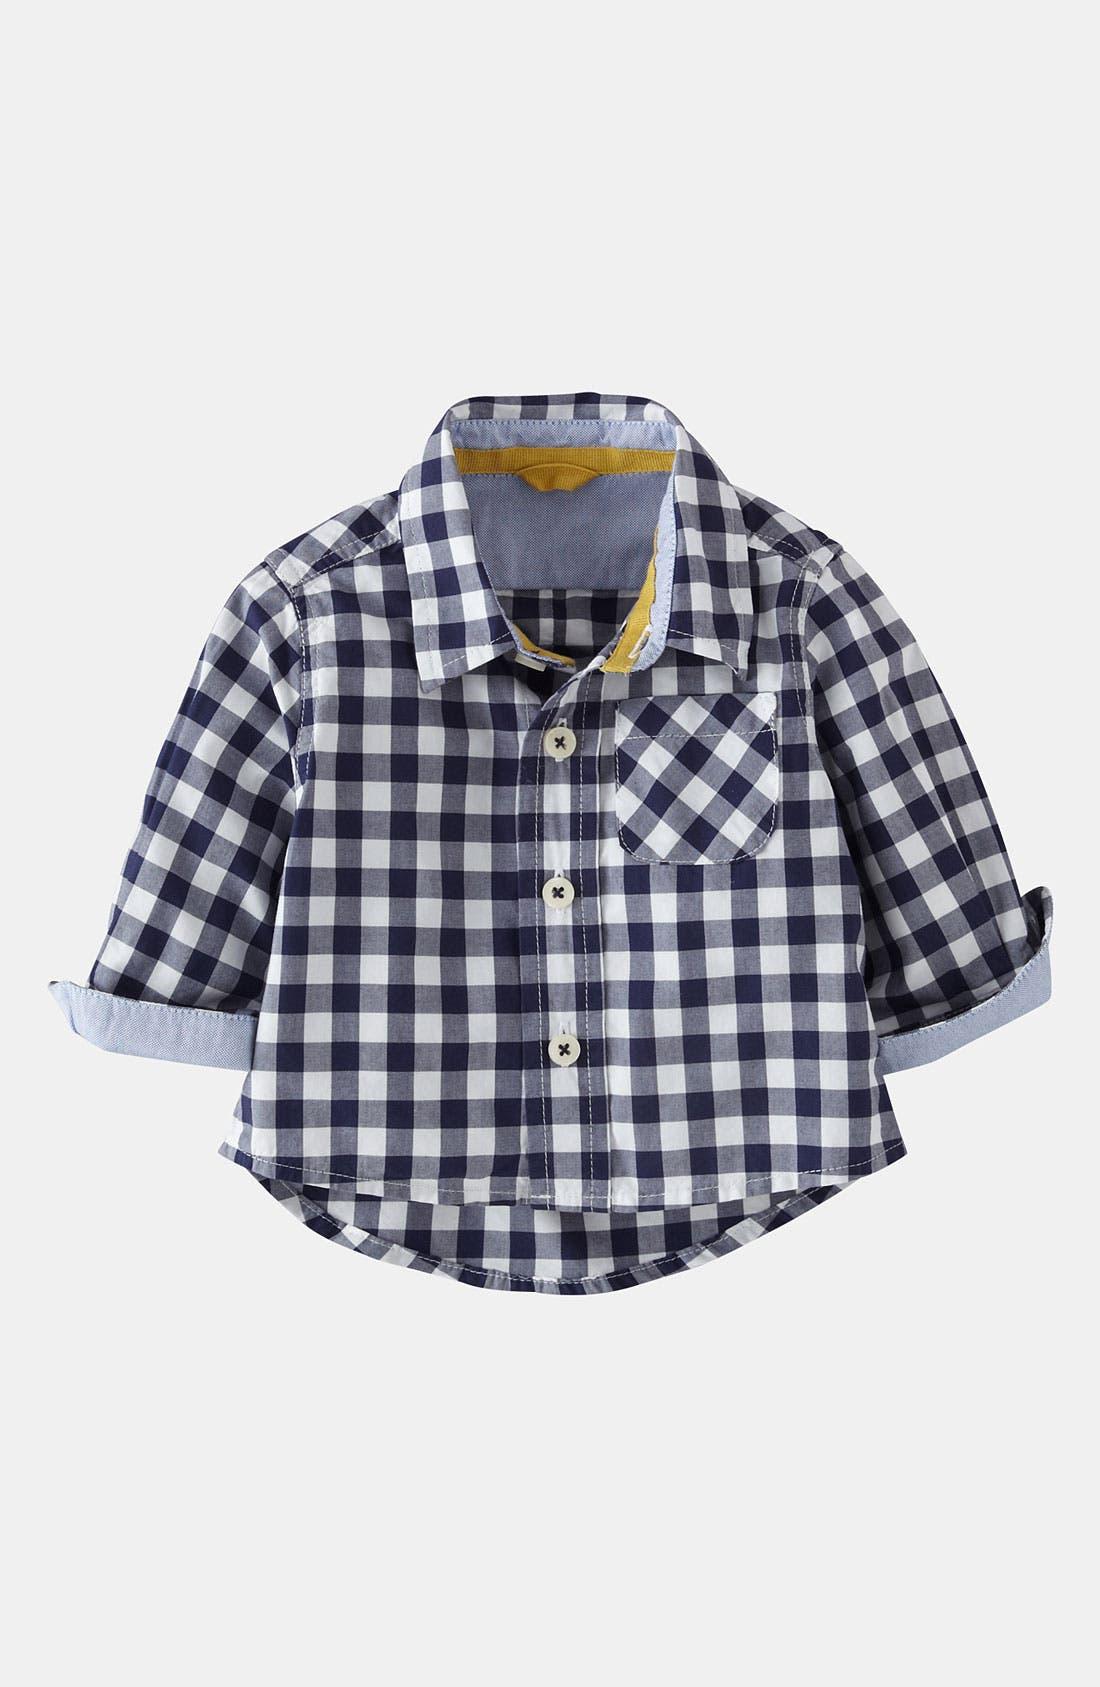 Main Image - Mini Boden 'Baby' Shirt (Baby)